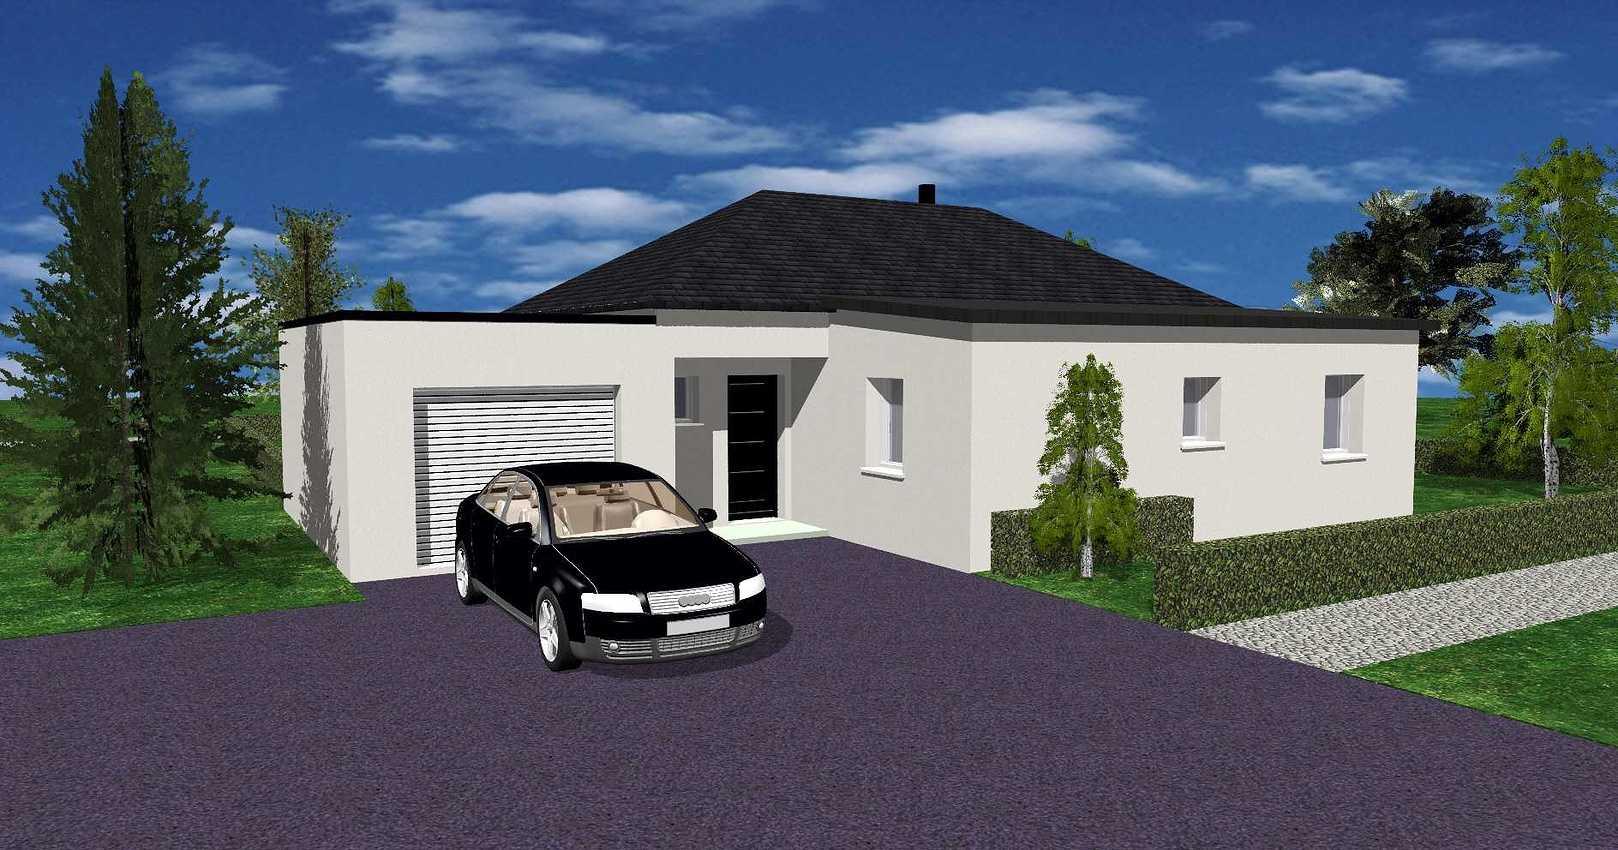 Maison de plain pied à Plédéliac de 70 m² - Secteur Lamballe(22400 ) 0.1ins